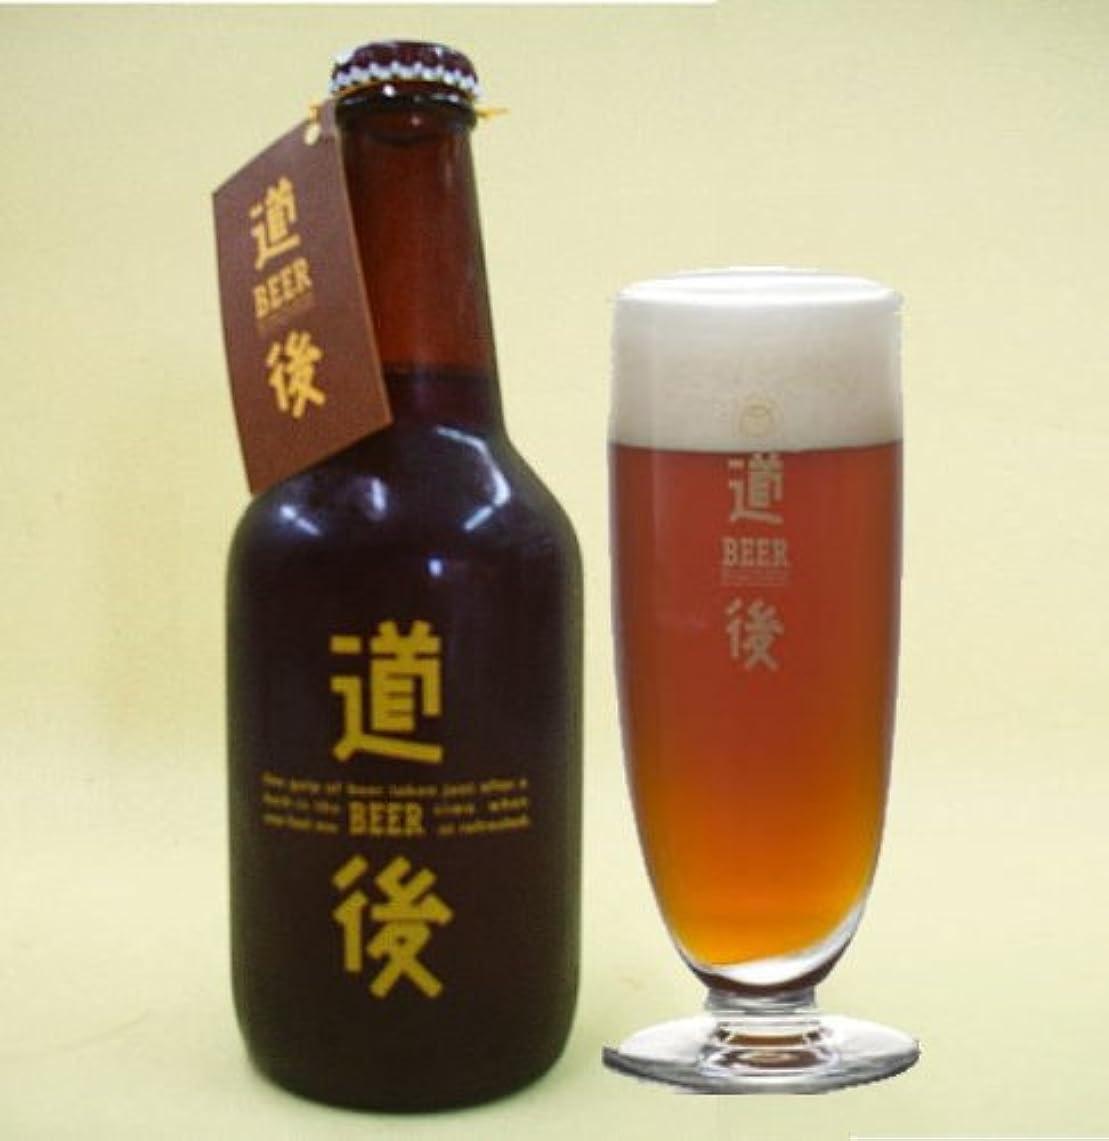 仲人受粉者権威【冷蔵便】道後ビール【アルト?タイプ】(マドンナビール)6本セット